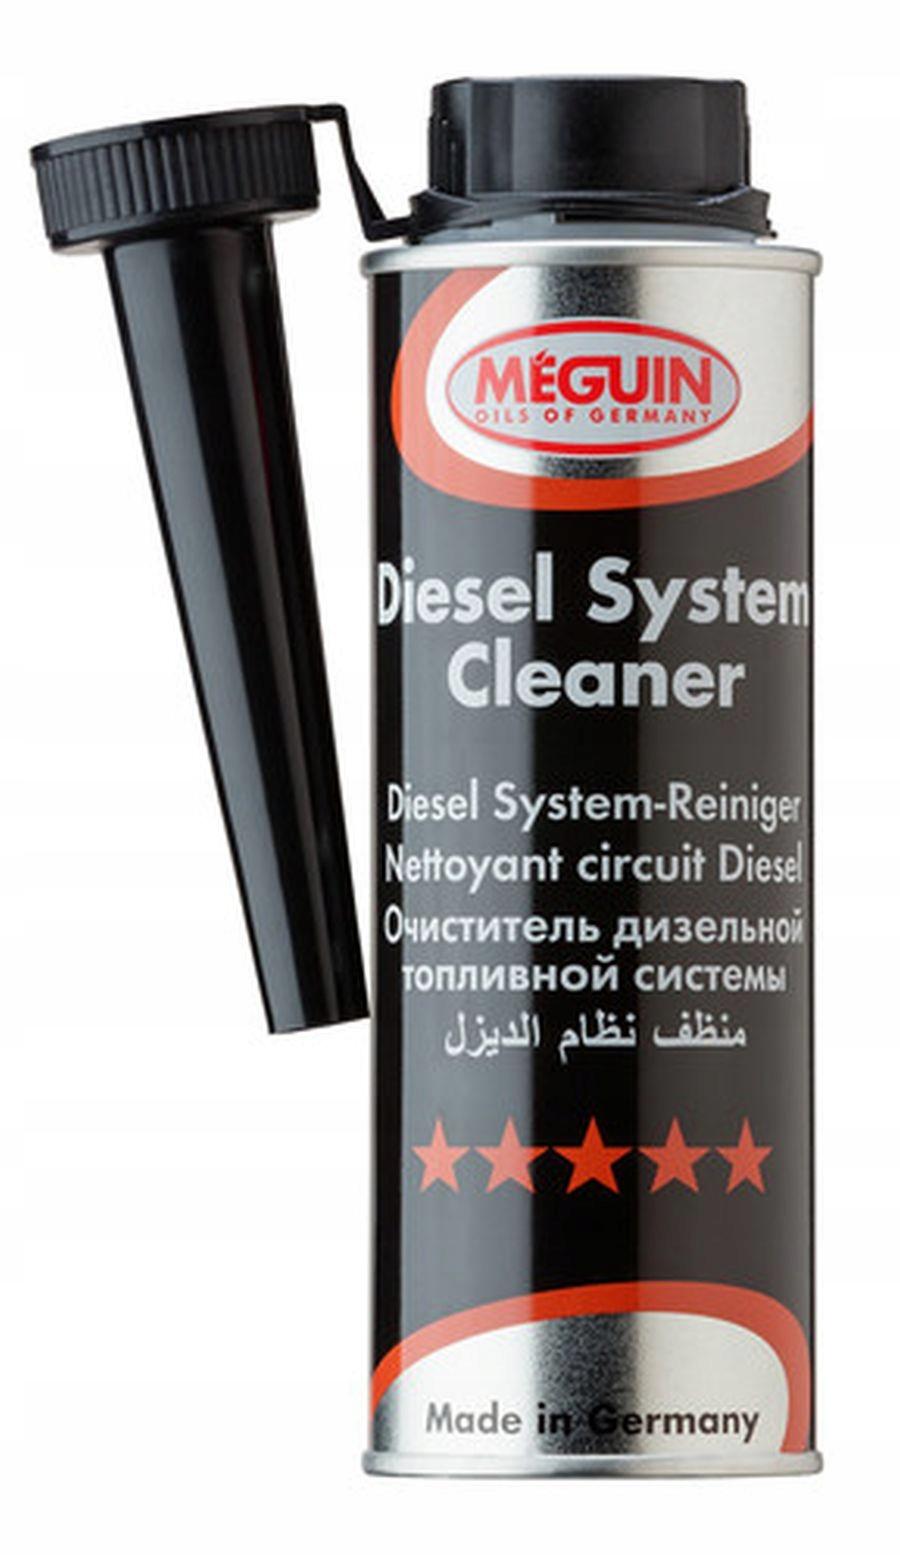 Meguin Diesel System Cleaner Распределение польша